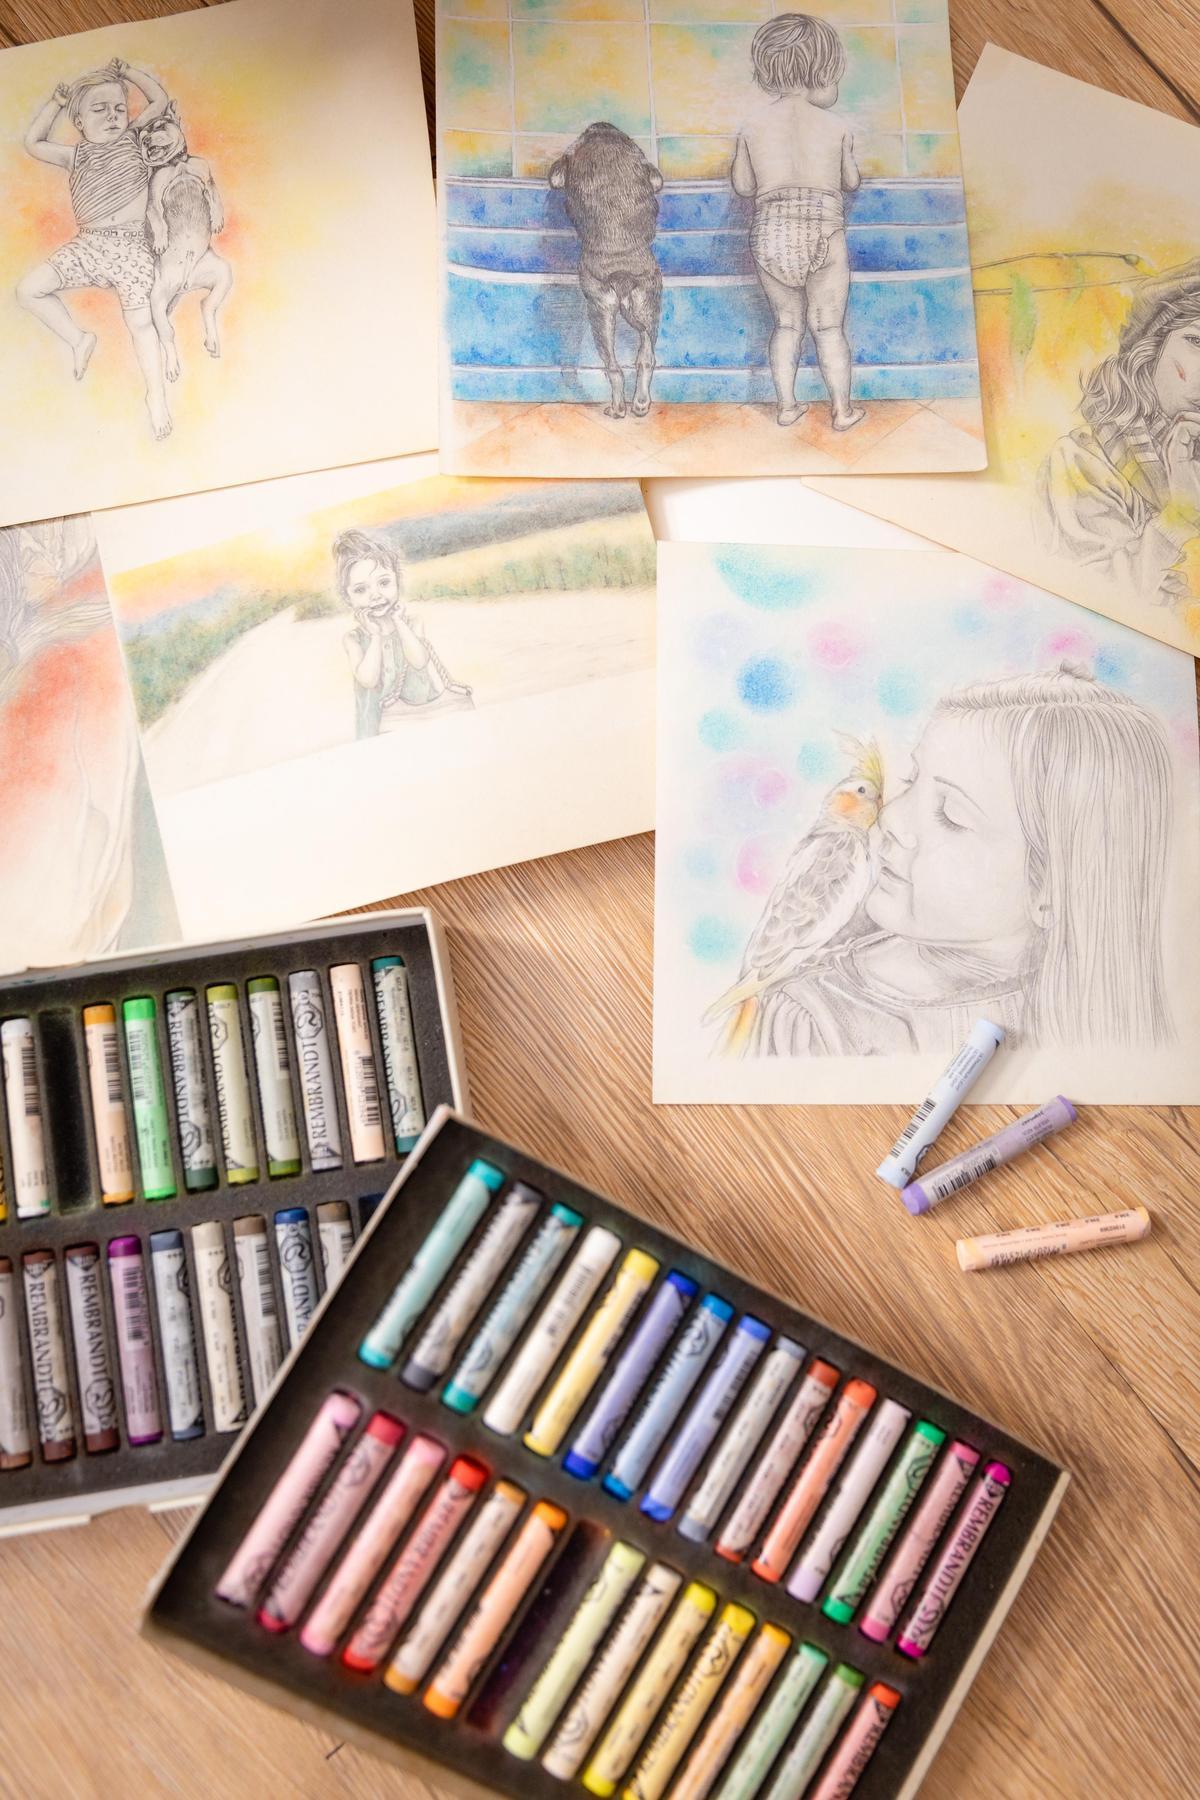 李依瑾不只往外跑,也很享受一個人在家的時刻,寫劇本、看書、畫畫,最近還迷上編織包。